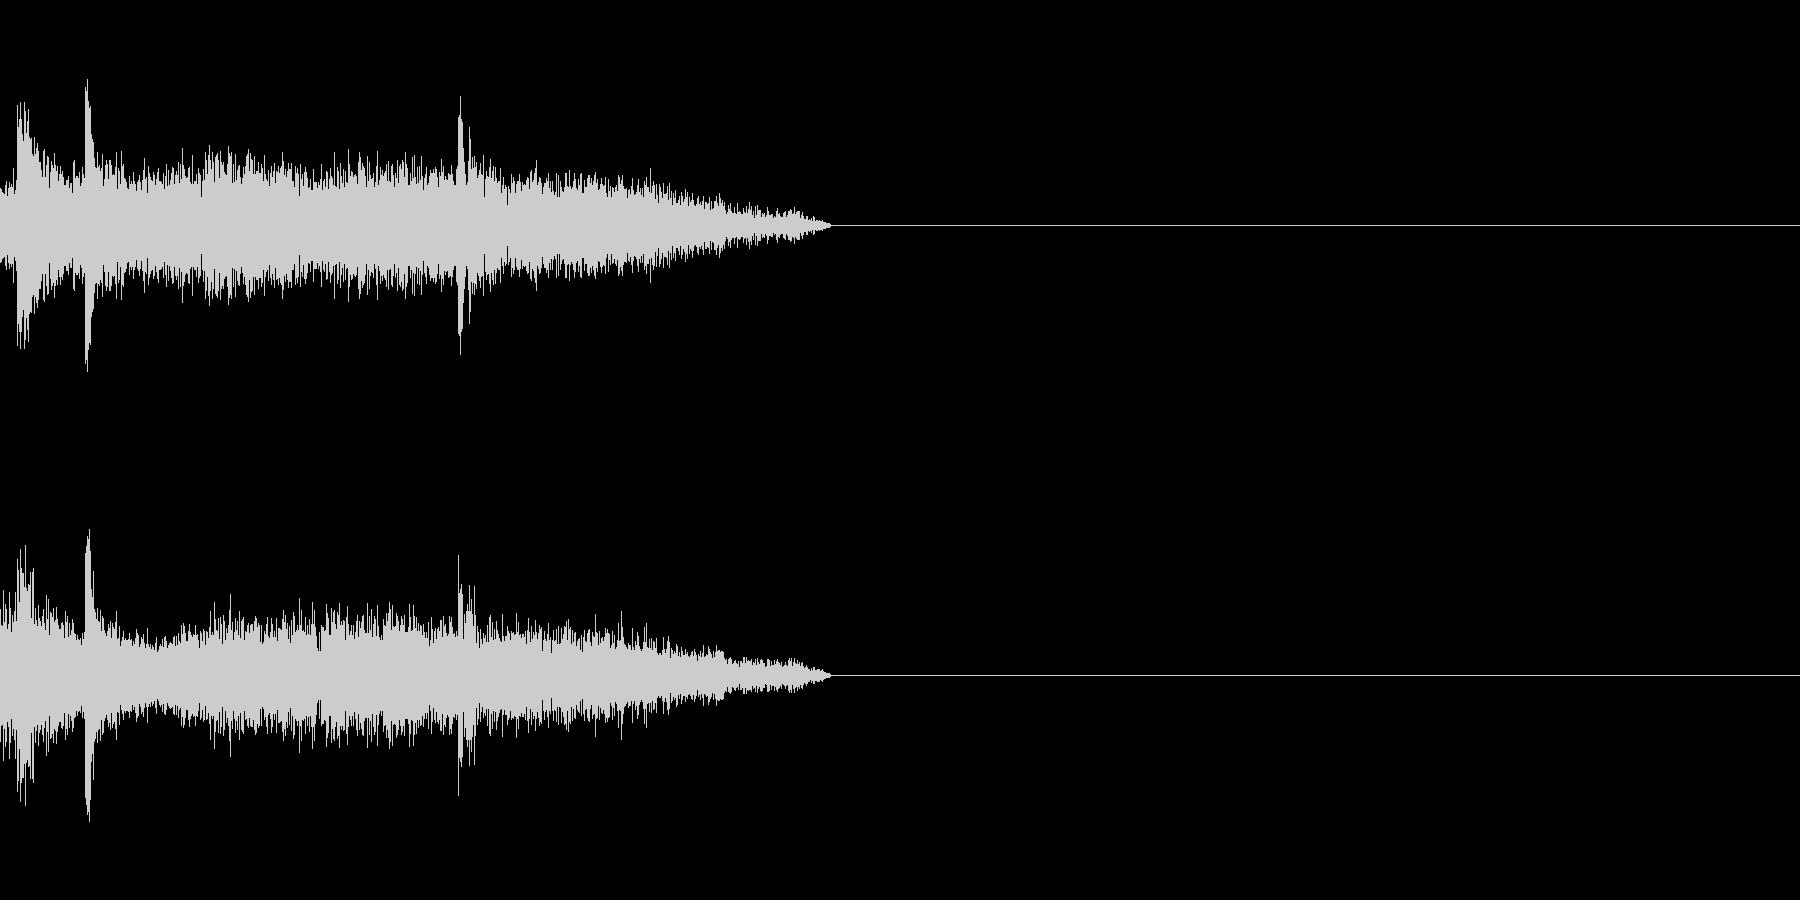 剣の擦れる音の未再生の波形